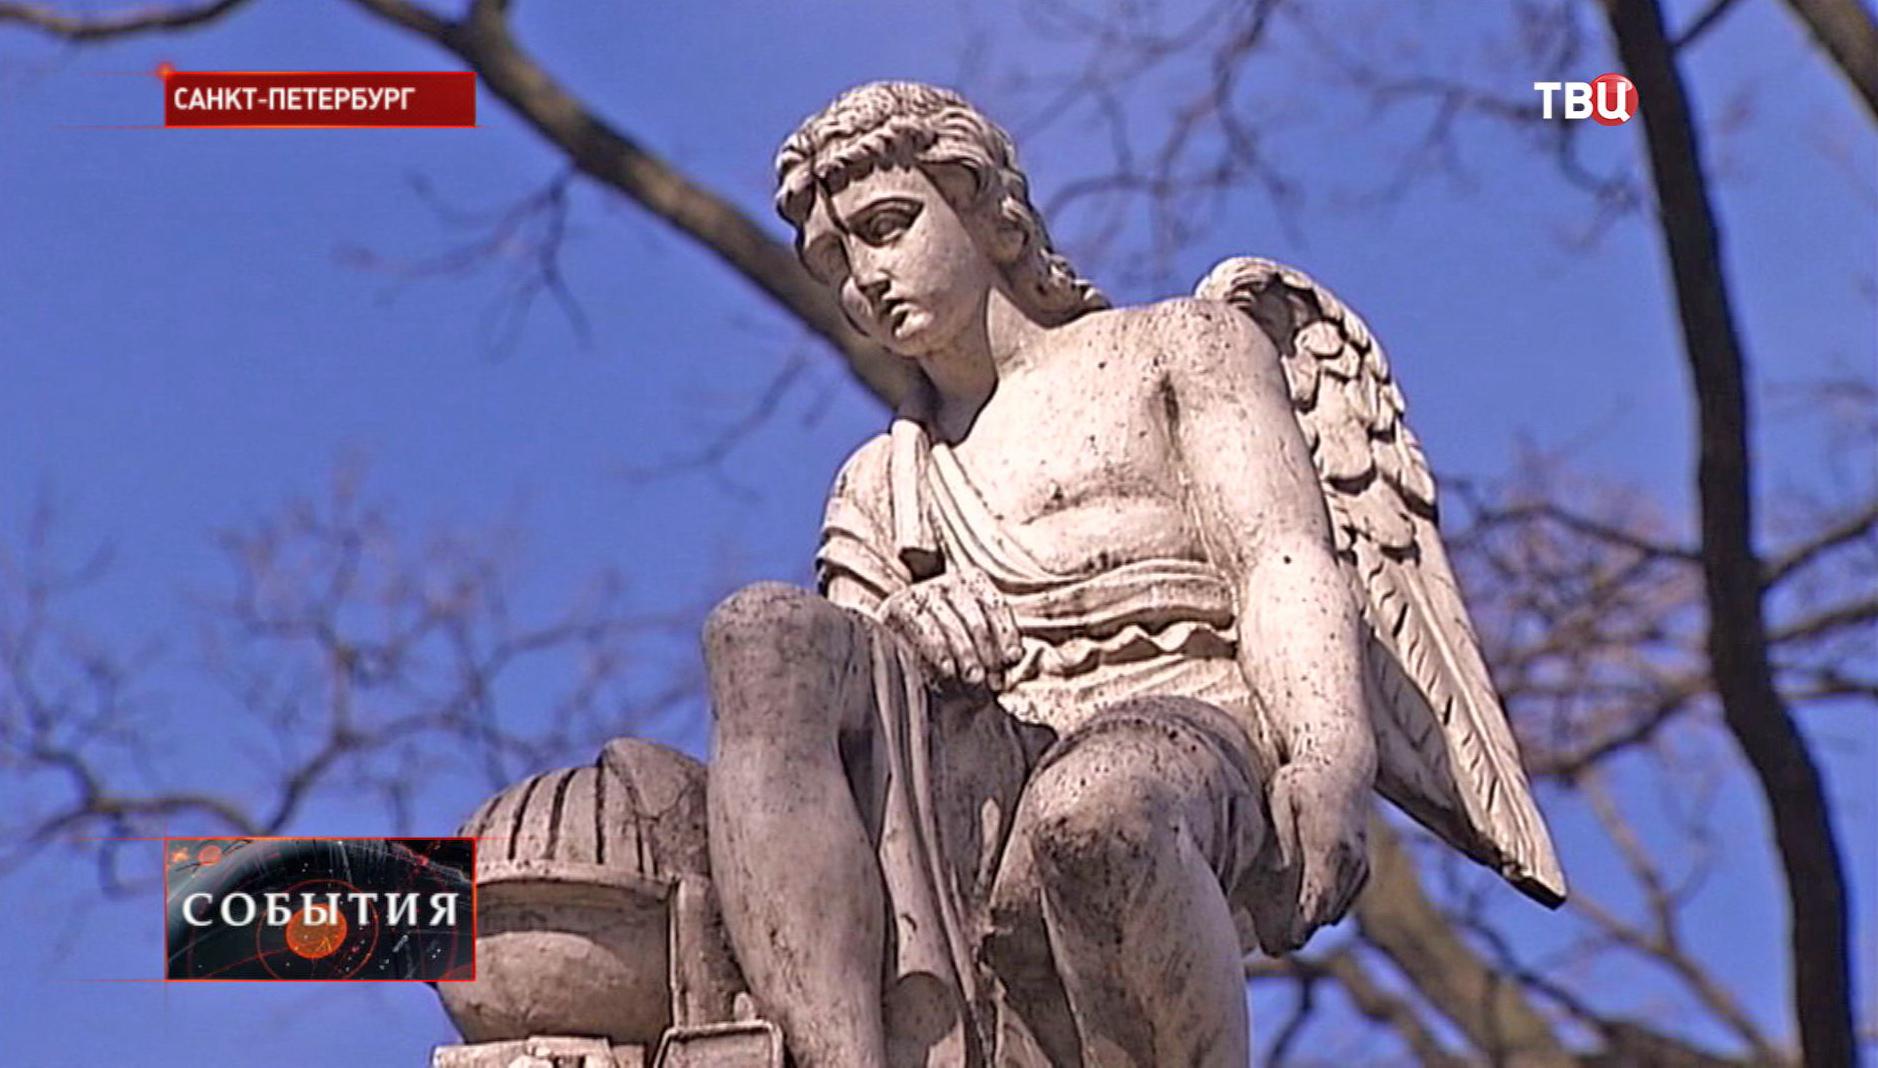 Скульптура в Санкт-Петербурге